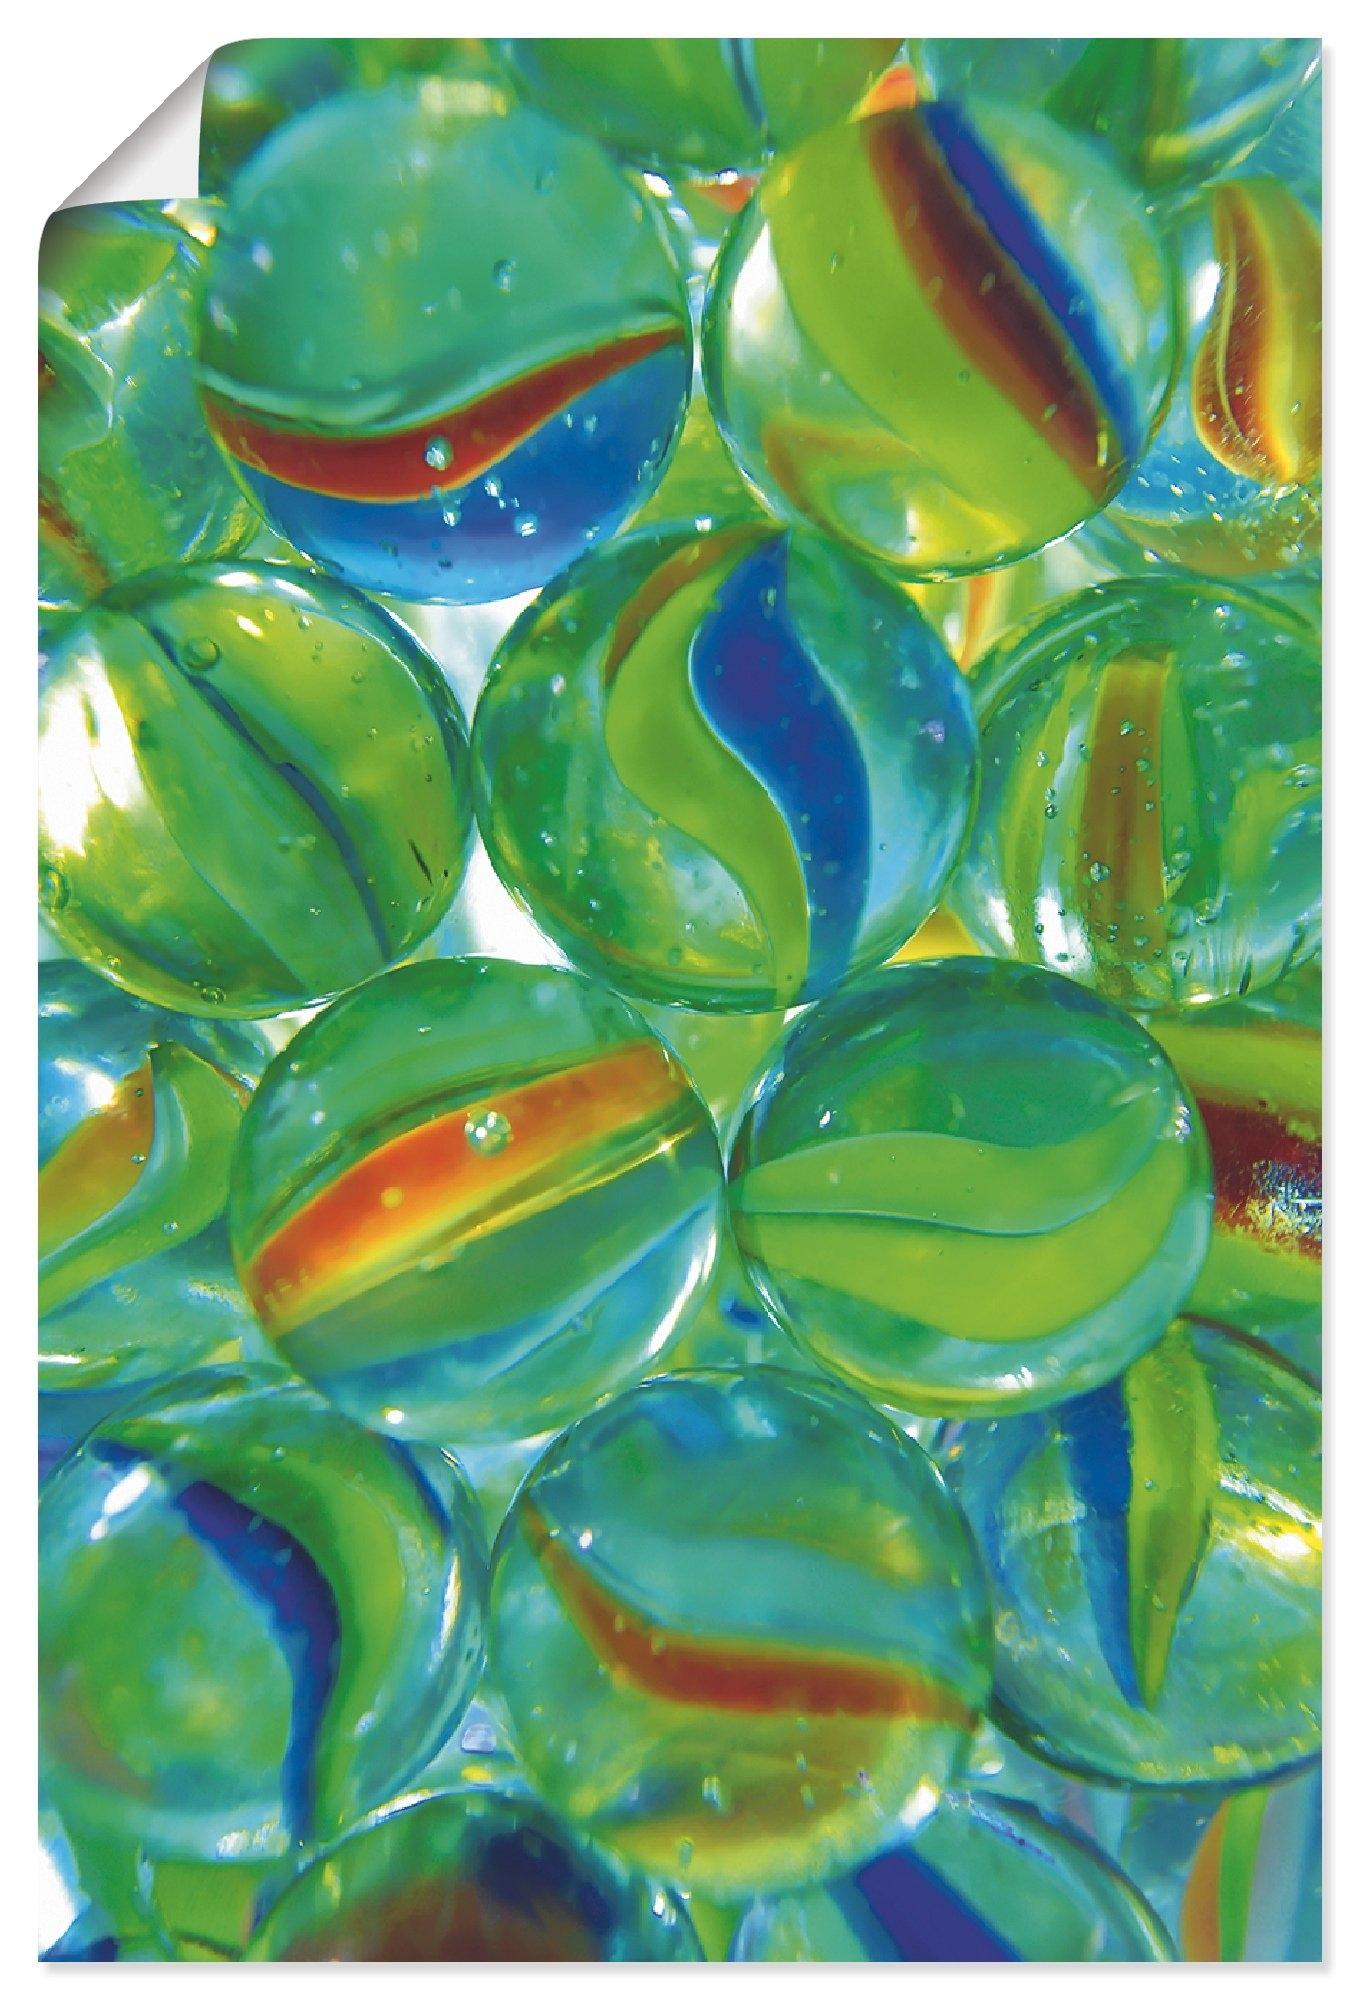 Artland artprint Knikkers in vele afmetingen & productsoorten - artprint van aluminium / artprint voor buiten, artprint op linnen, poster, muursticker / wandfolie ook geschikt voor de badkamer (1 stuk) voordelig en veilig online kopen